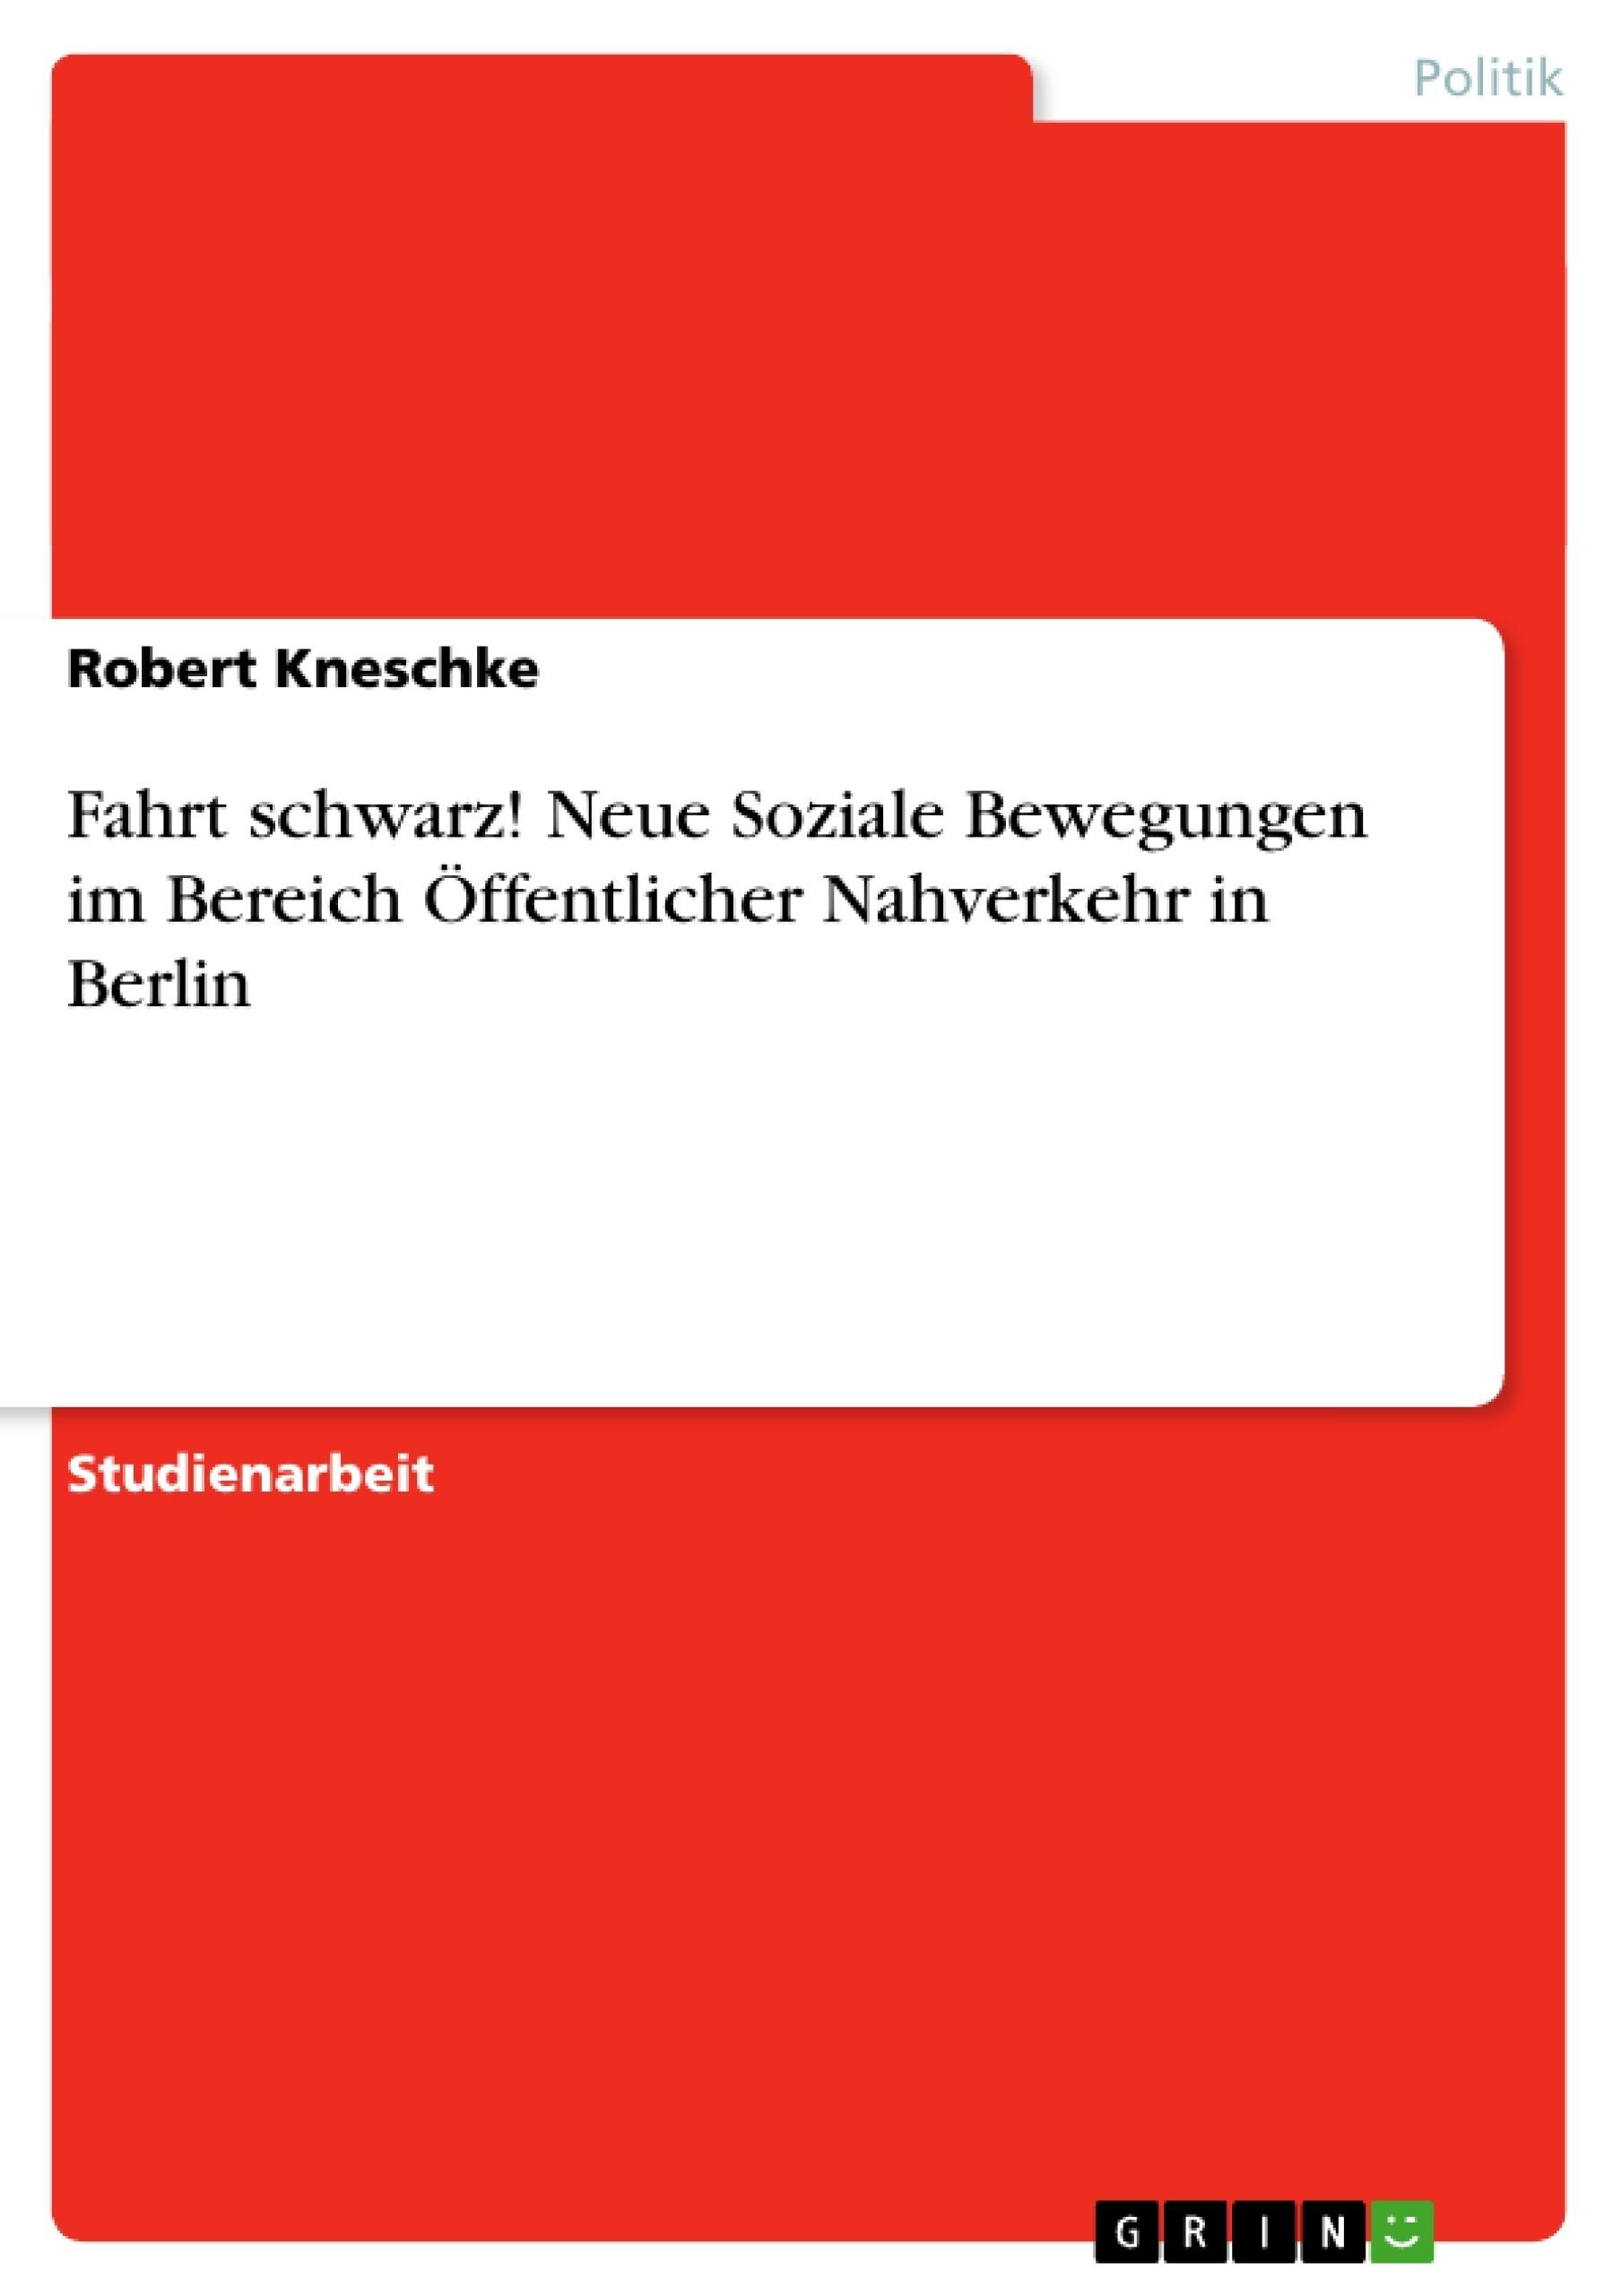 Titel: Fahrt schwarz! Neue Soziale Bewegungen im Bereich Öffentlicher Nahverkehr in Berlin